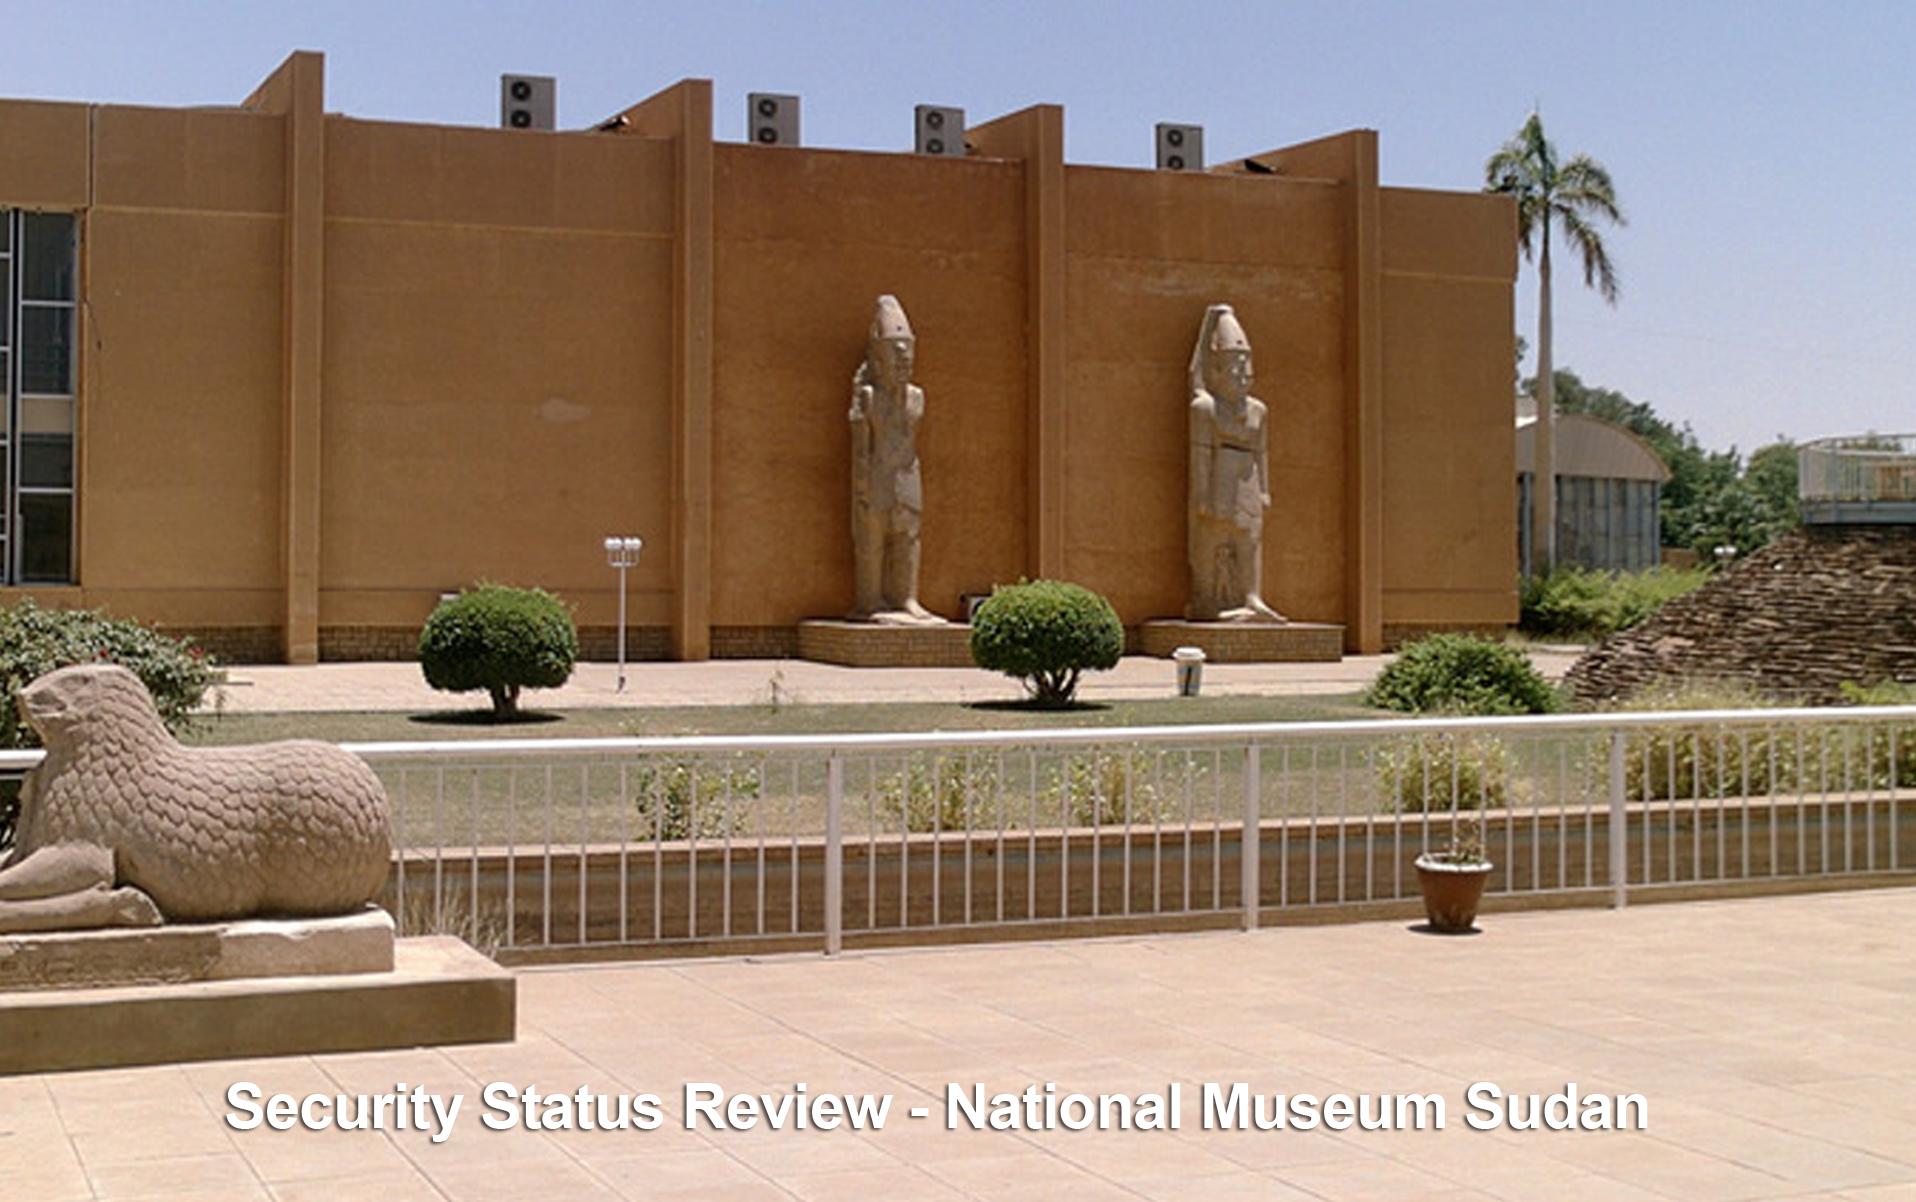 Security Status Review - National Museum Sudan